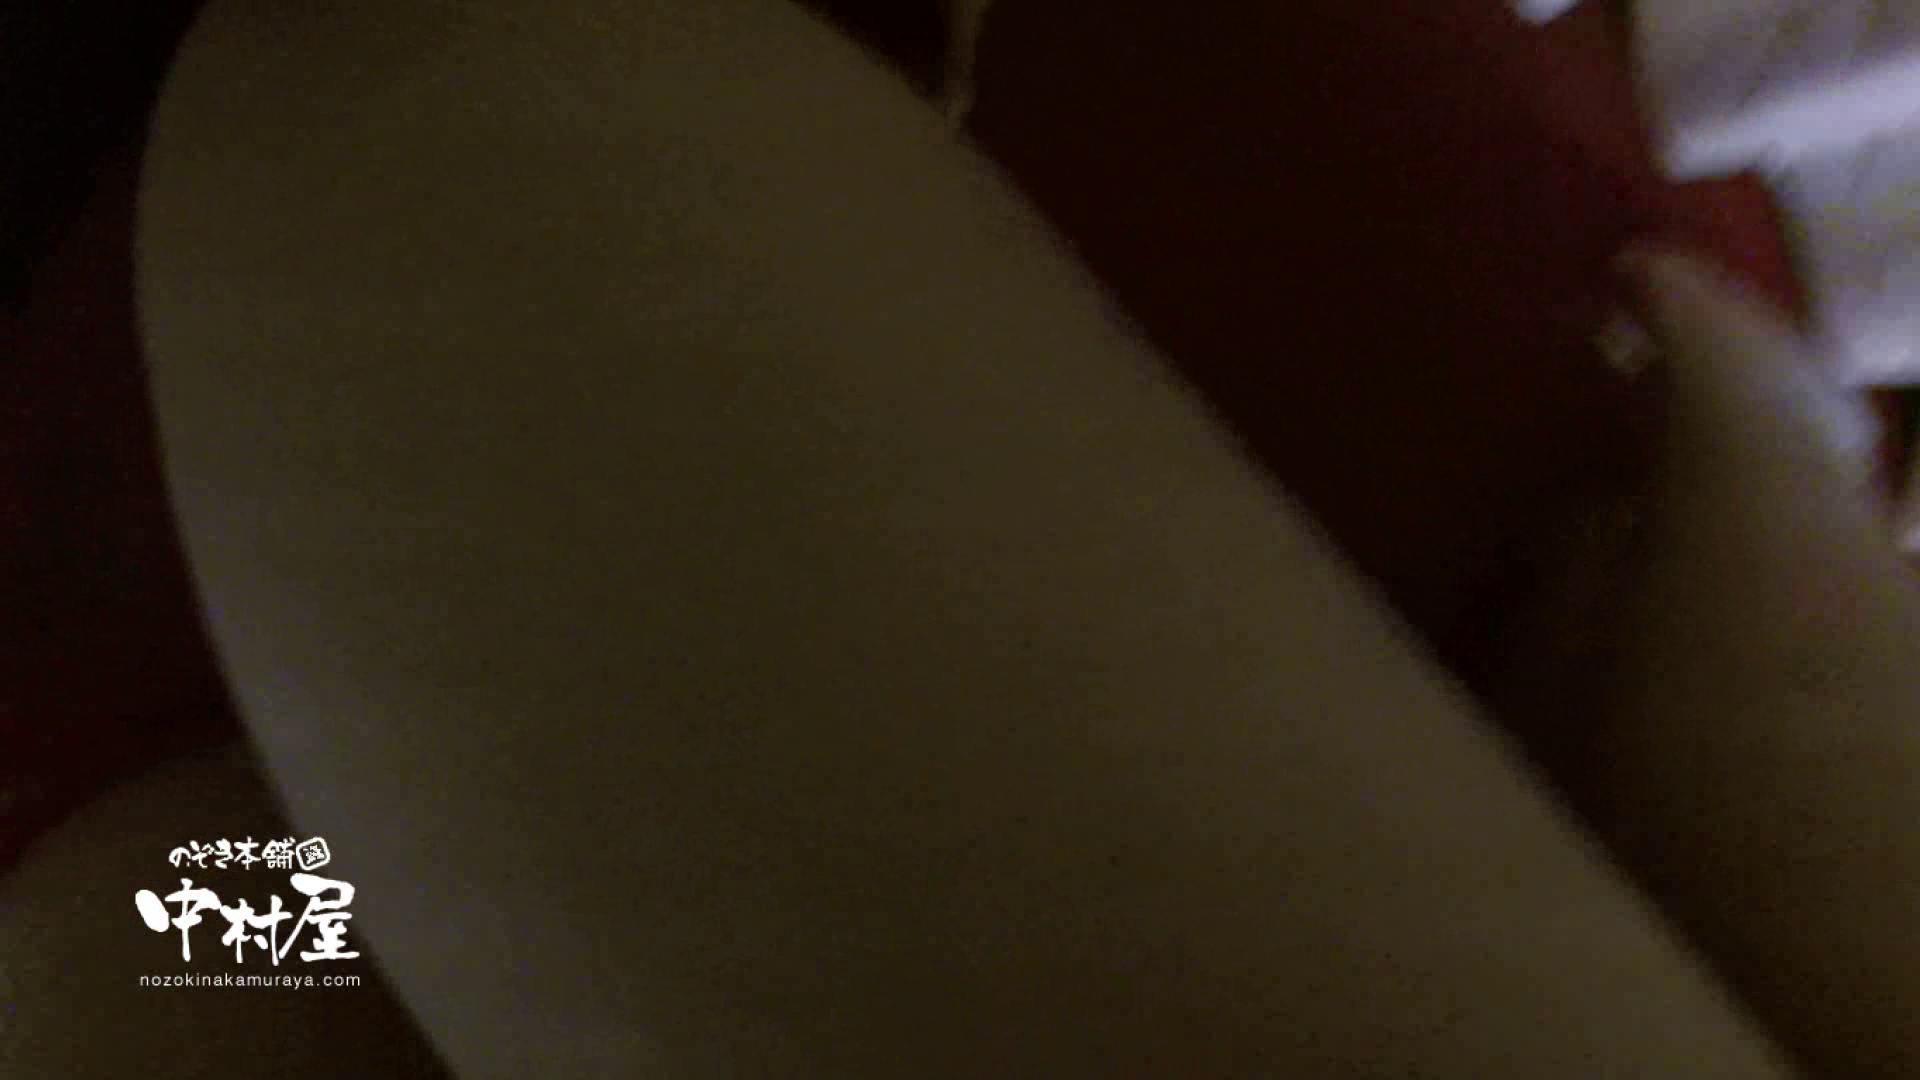 鬼畜 vol.05 誰にも言うなよ! はぃ… 前編 OLのエロ生活  55連発 46